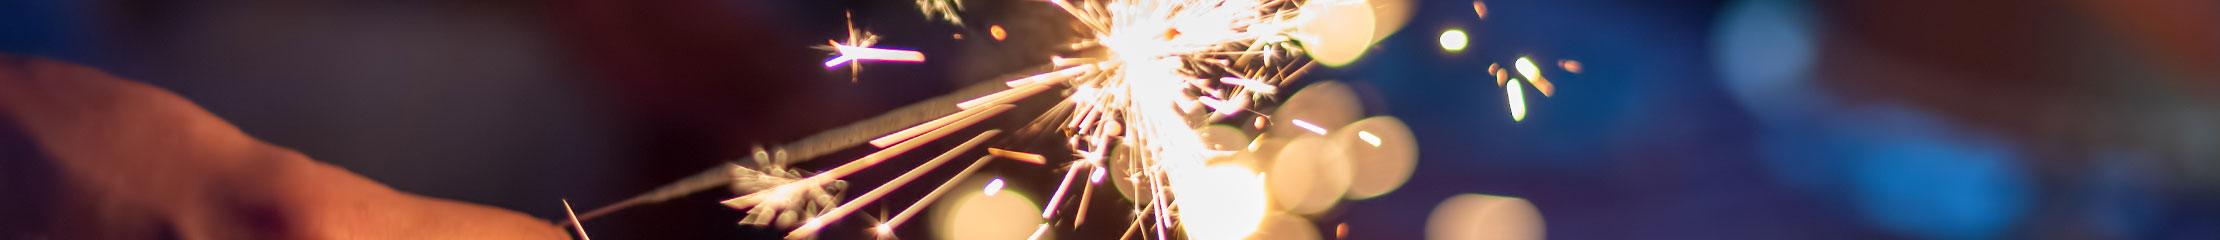 kindervuurwerk sterretjes kinderpakket vuurwerk veilig vuurwerk afsteken